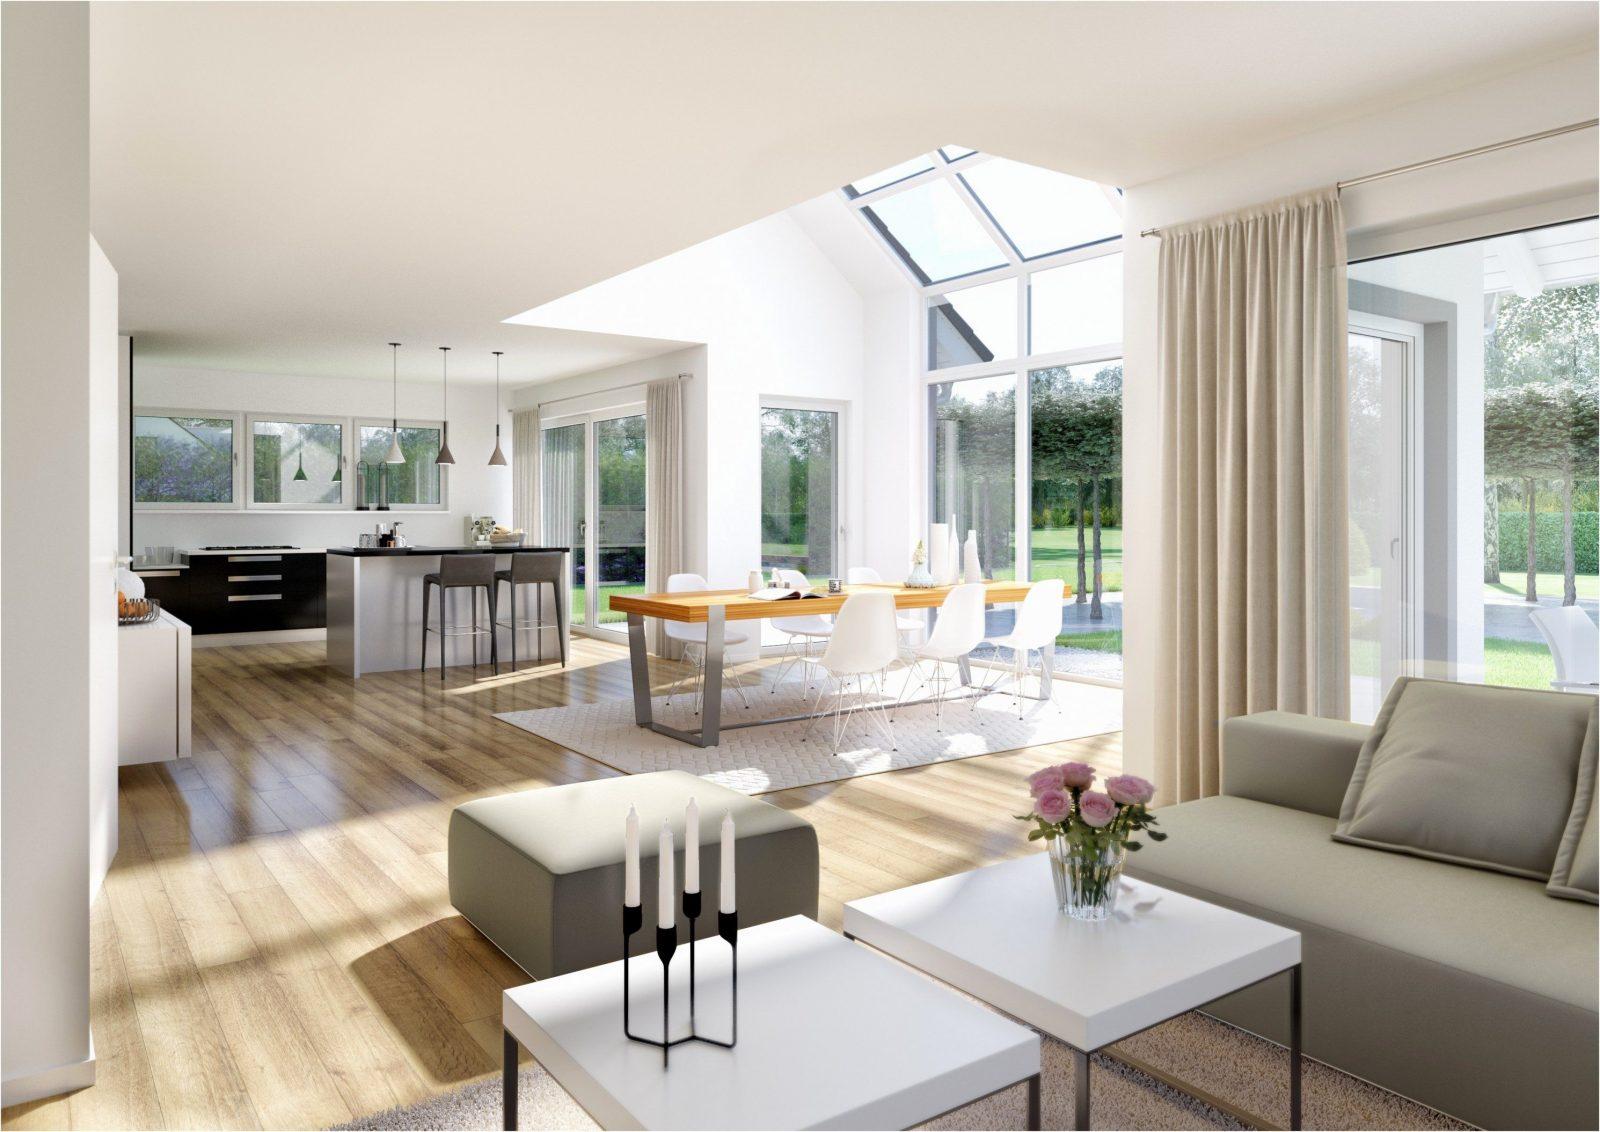 Ideen offene k che wohnzimmer elegant einzigartig 40 fene k che von offene k che abtrennen - Zimmer abtrennen ...